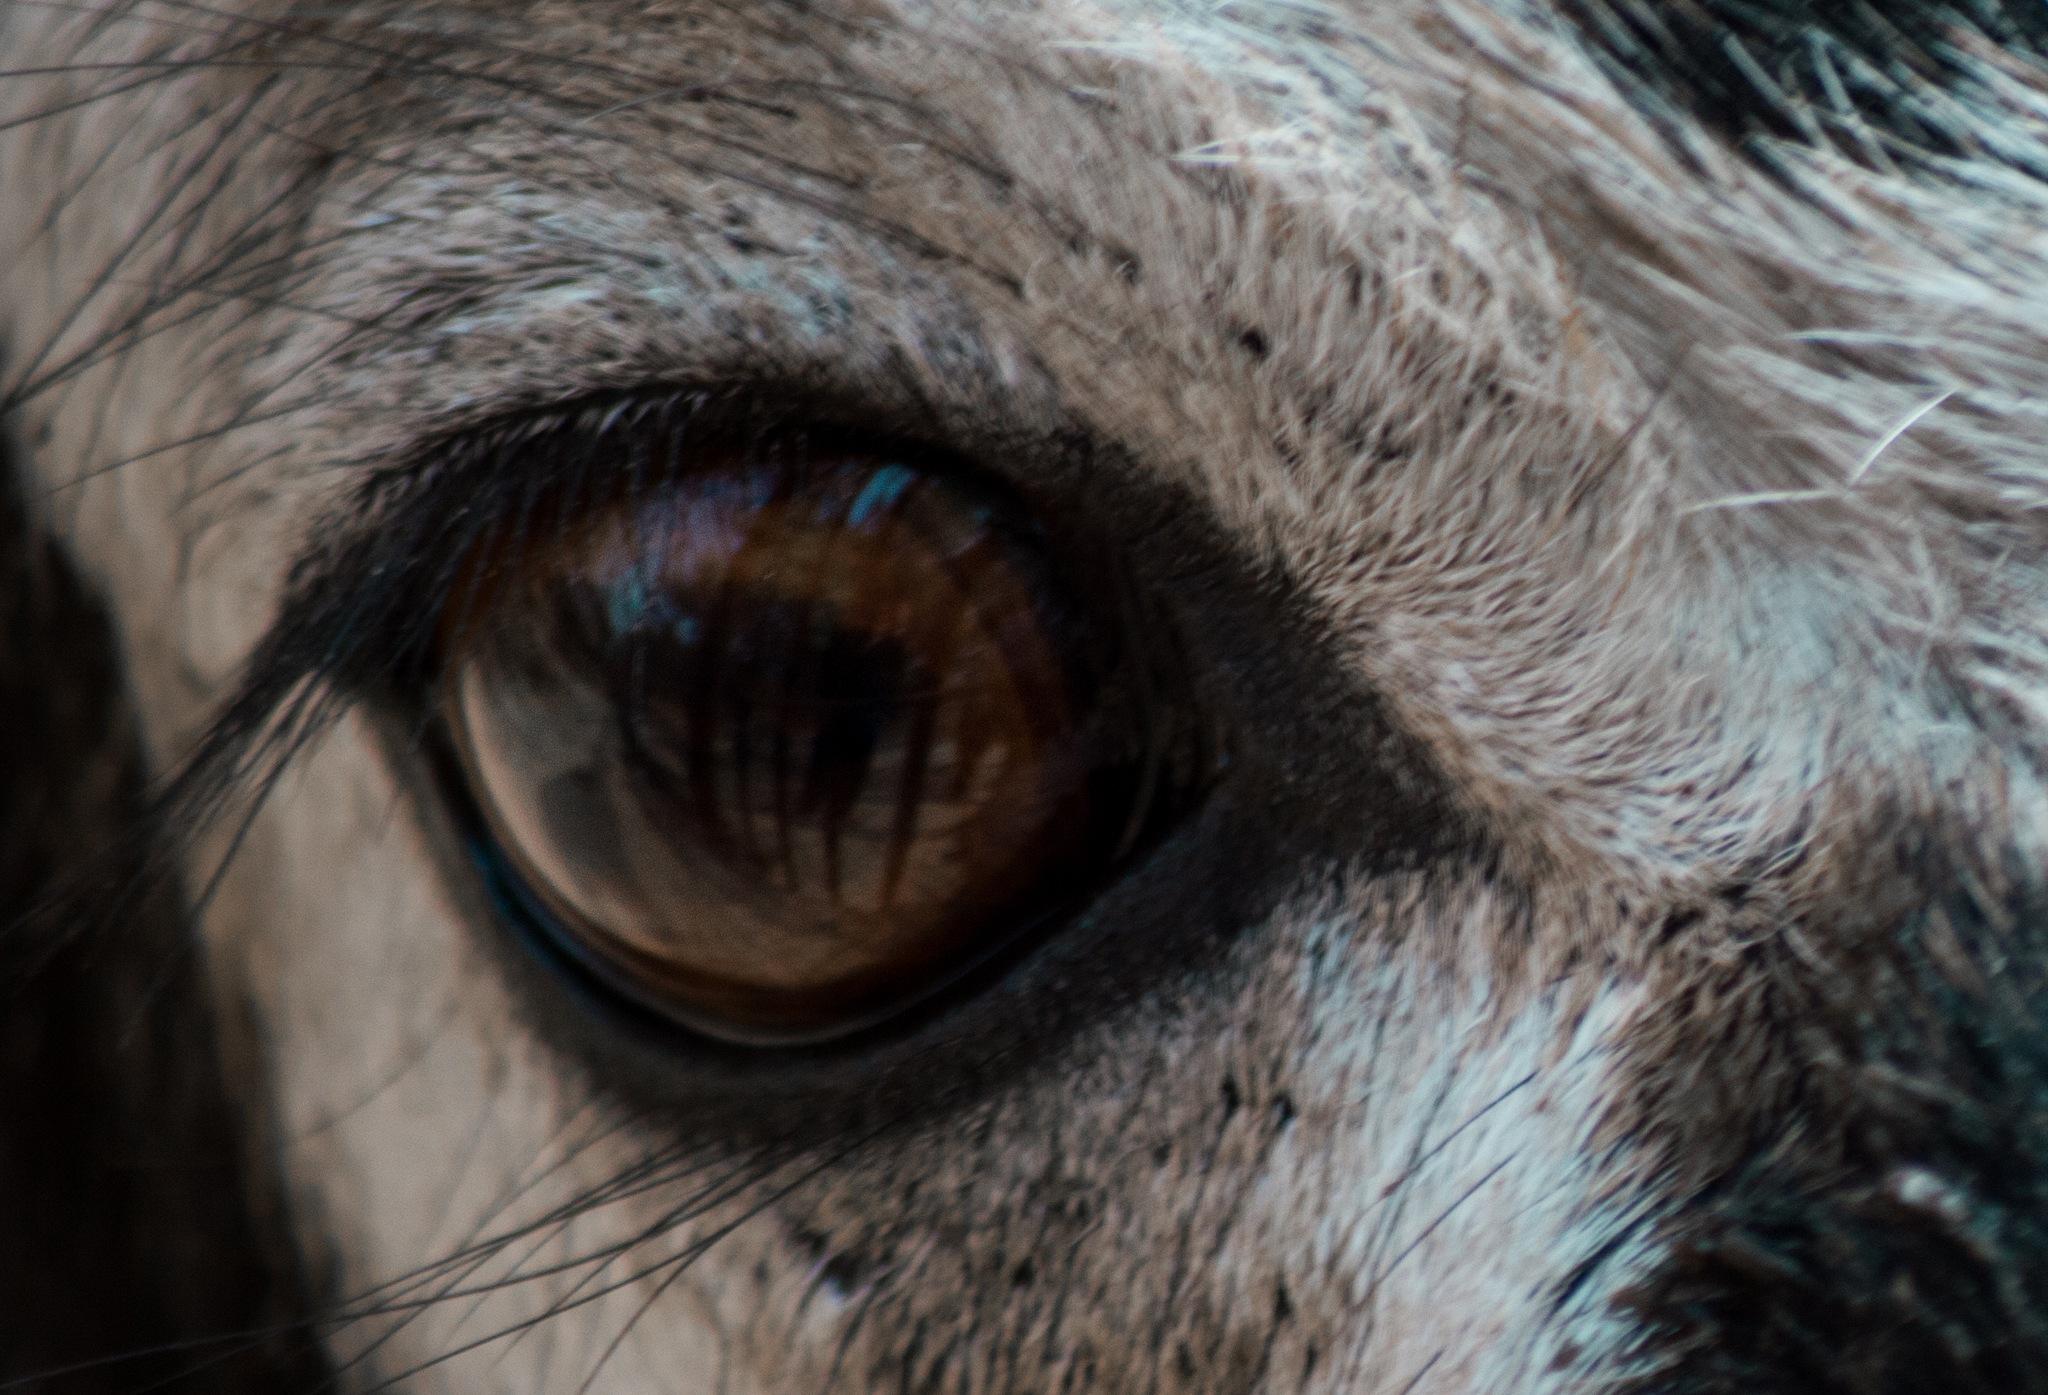 Blackbuck eye mirror by Omang Agarwal